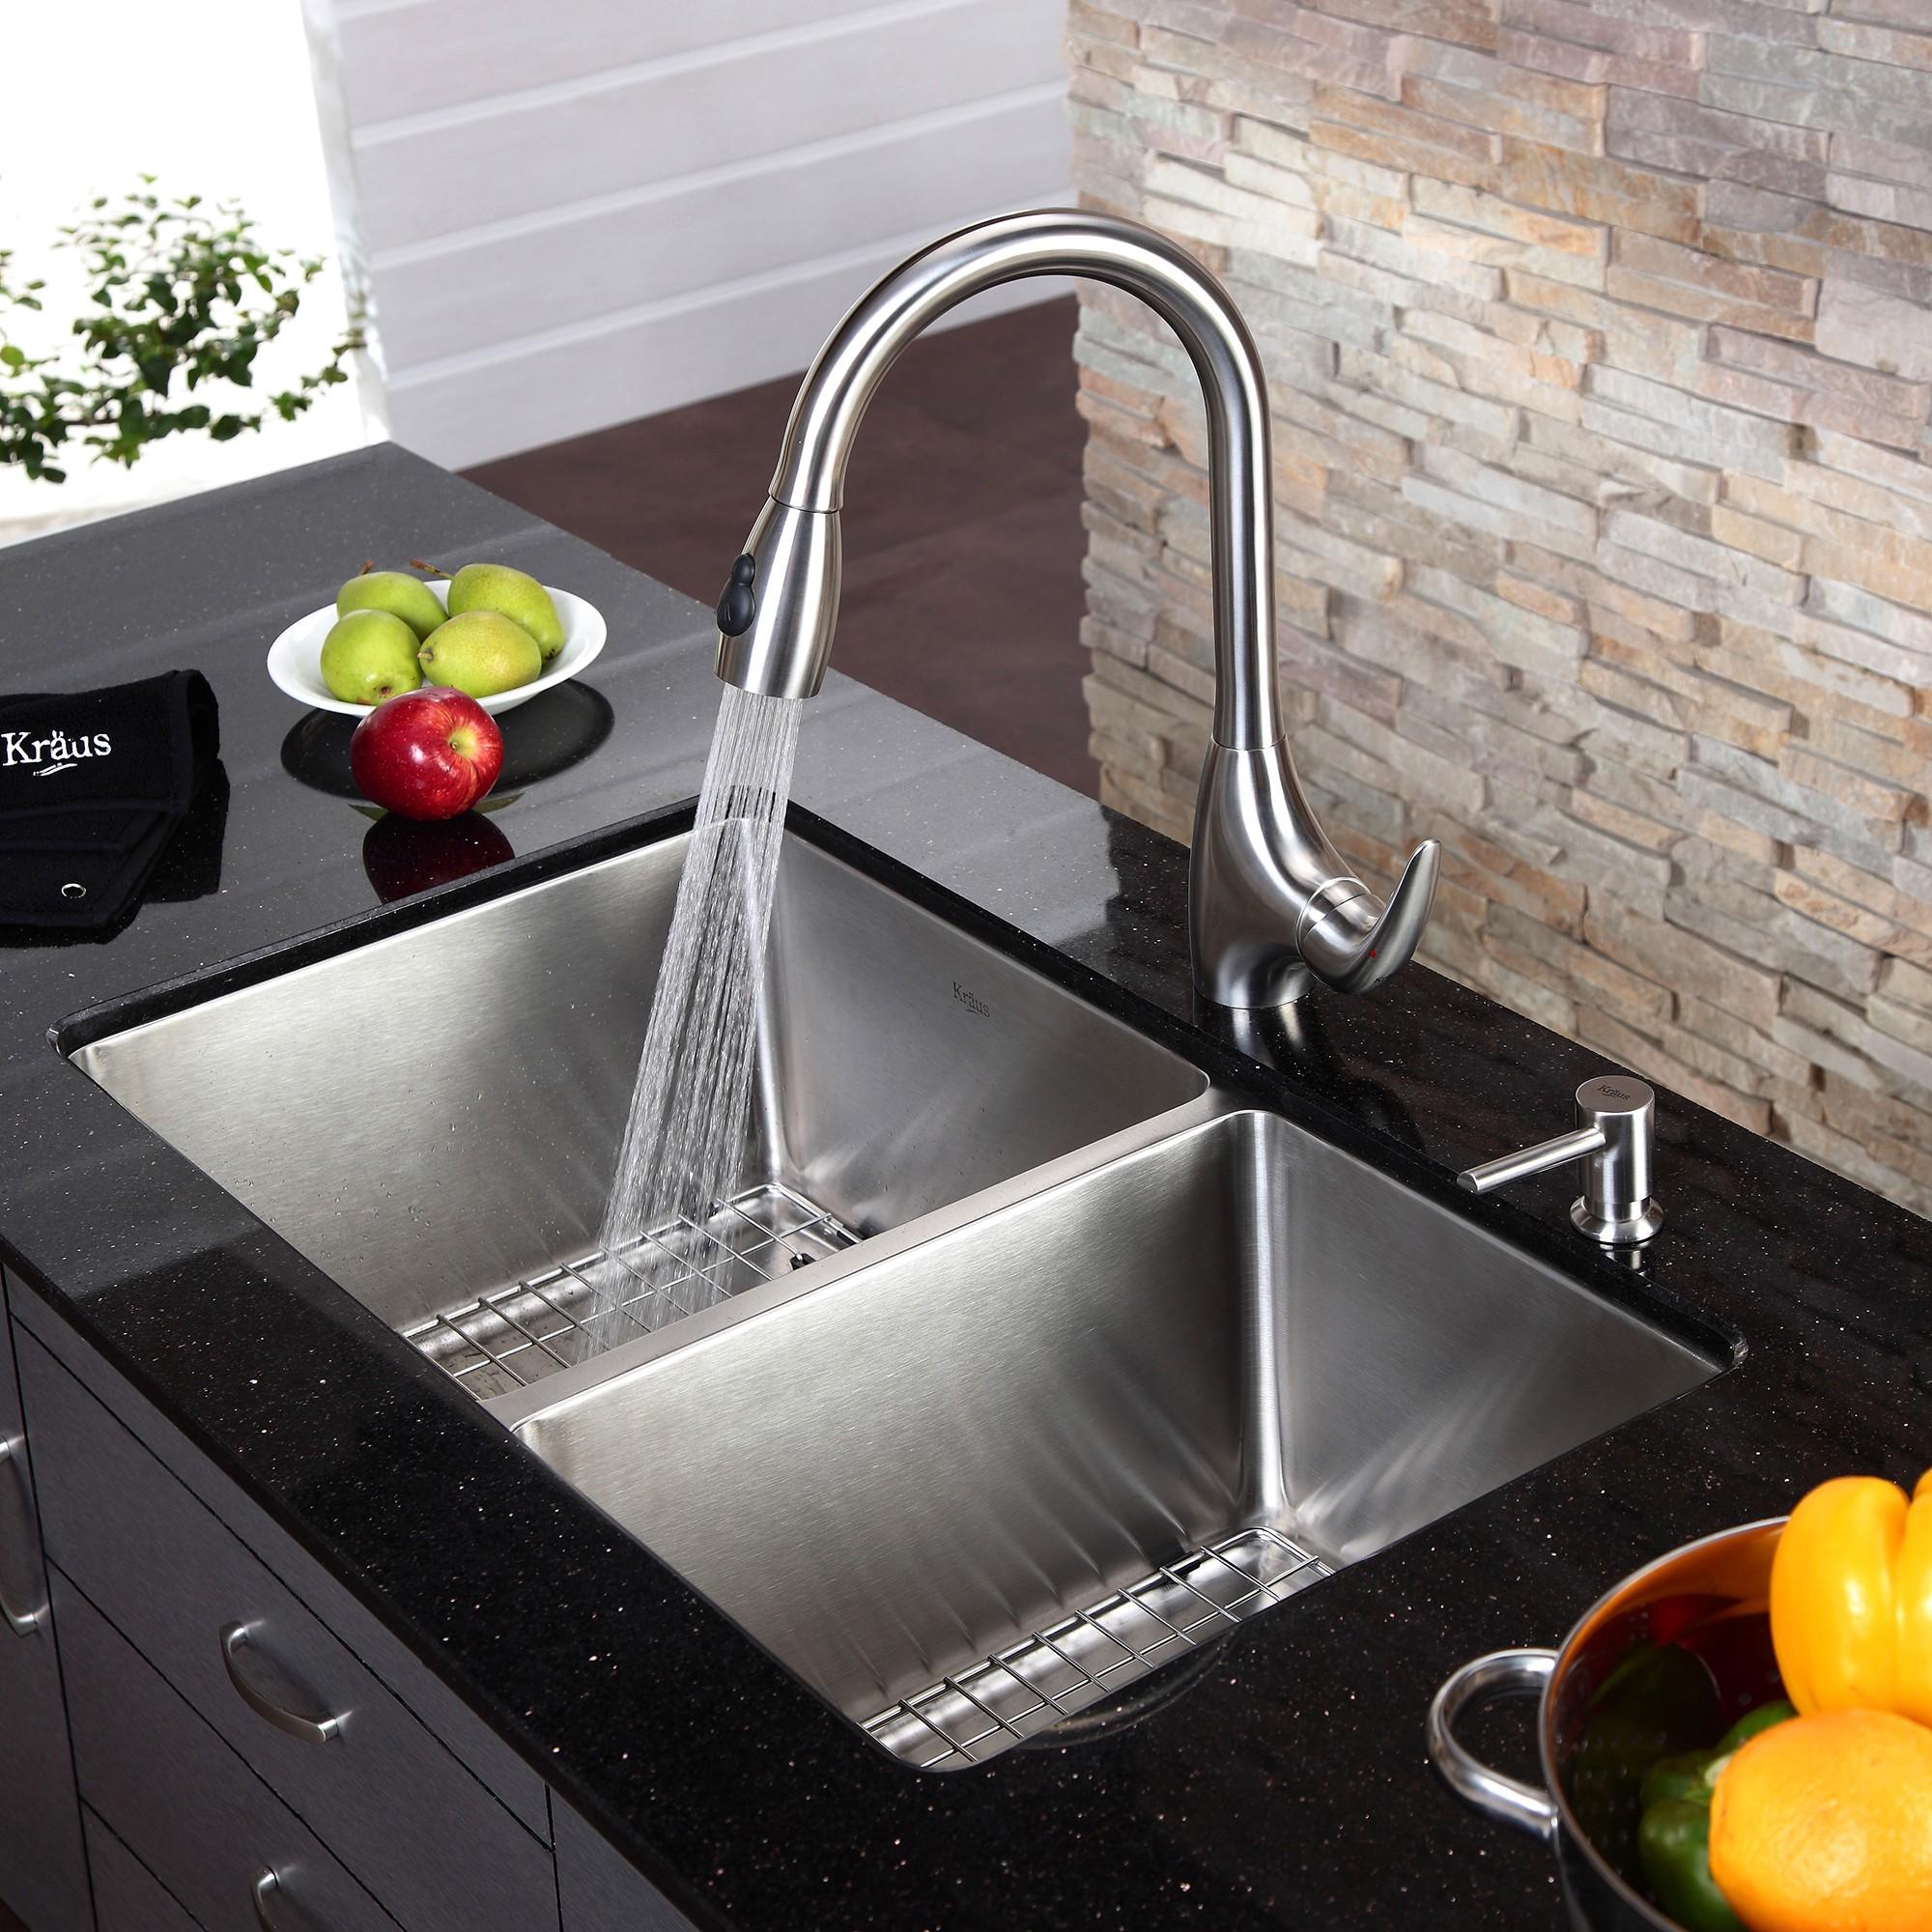 خرید سینک ظرفشویی توکار در ساختمان صنعت